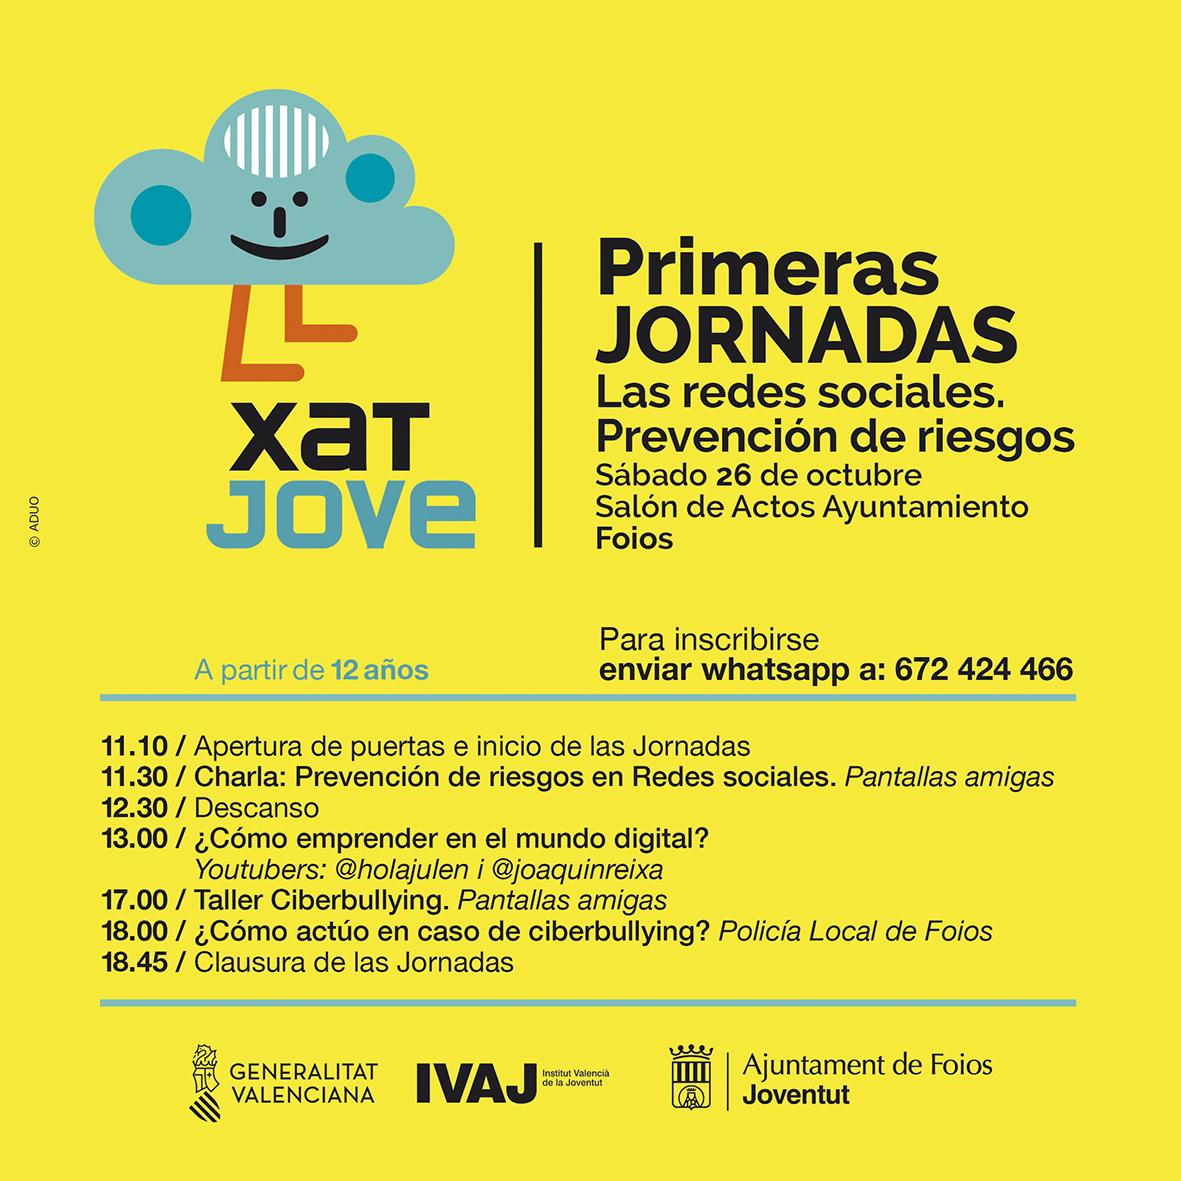 Jornada XatJove - Foios - Las redes sociales. Prevencion de riesgos